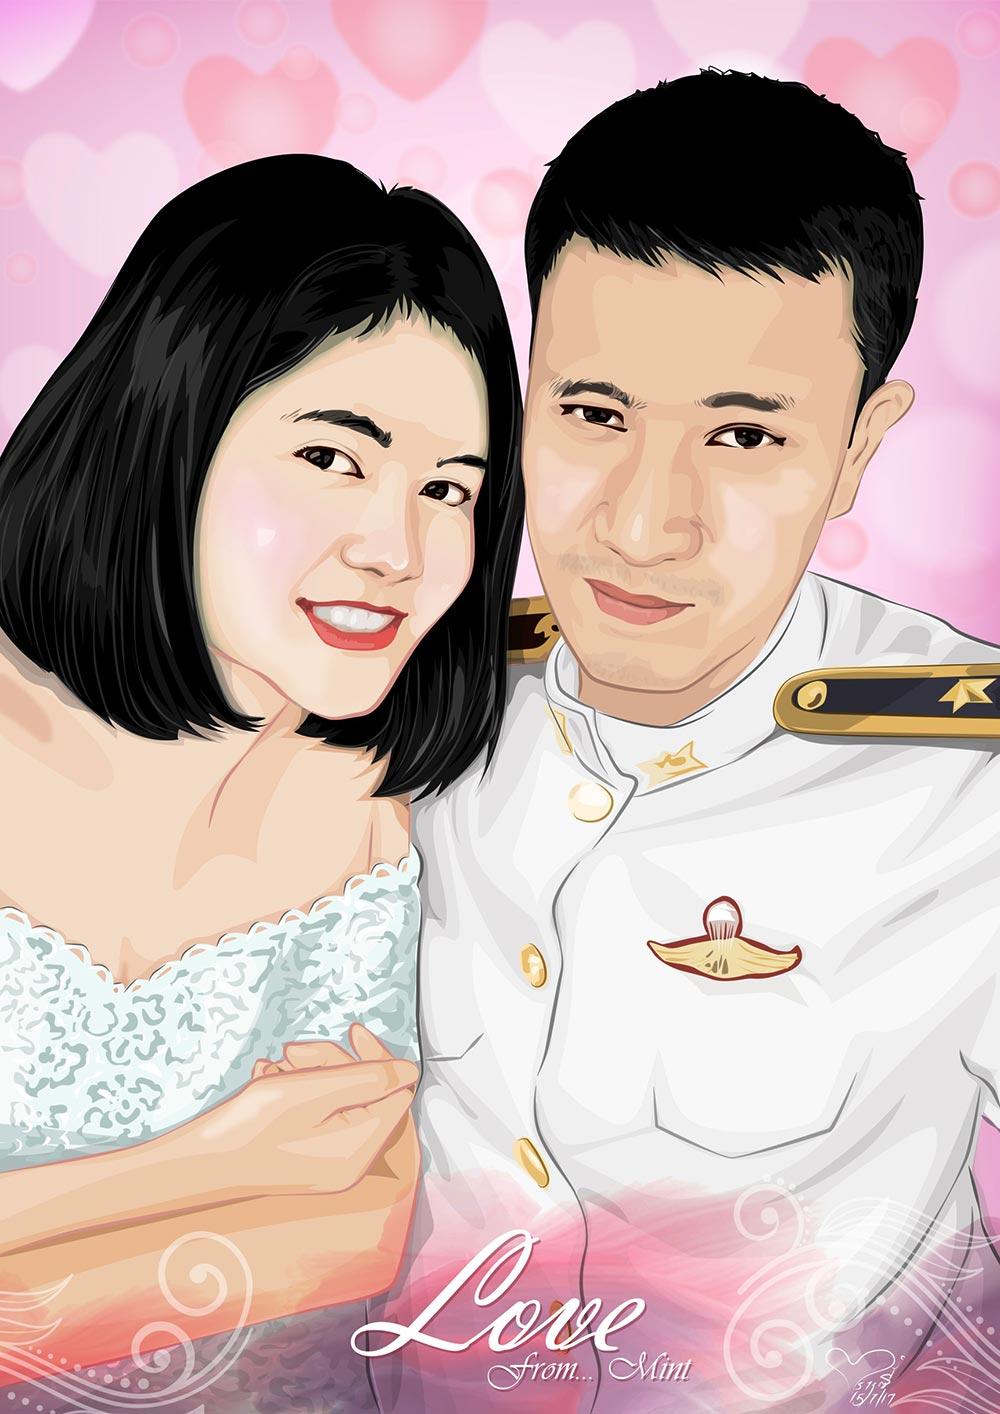 ภาพวาดเวกเตอร์-Vector-portrait-วาดภาพด้วย-illustrator-วาดภาพเหมือนงานแต่ง